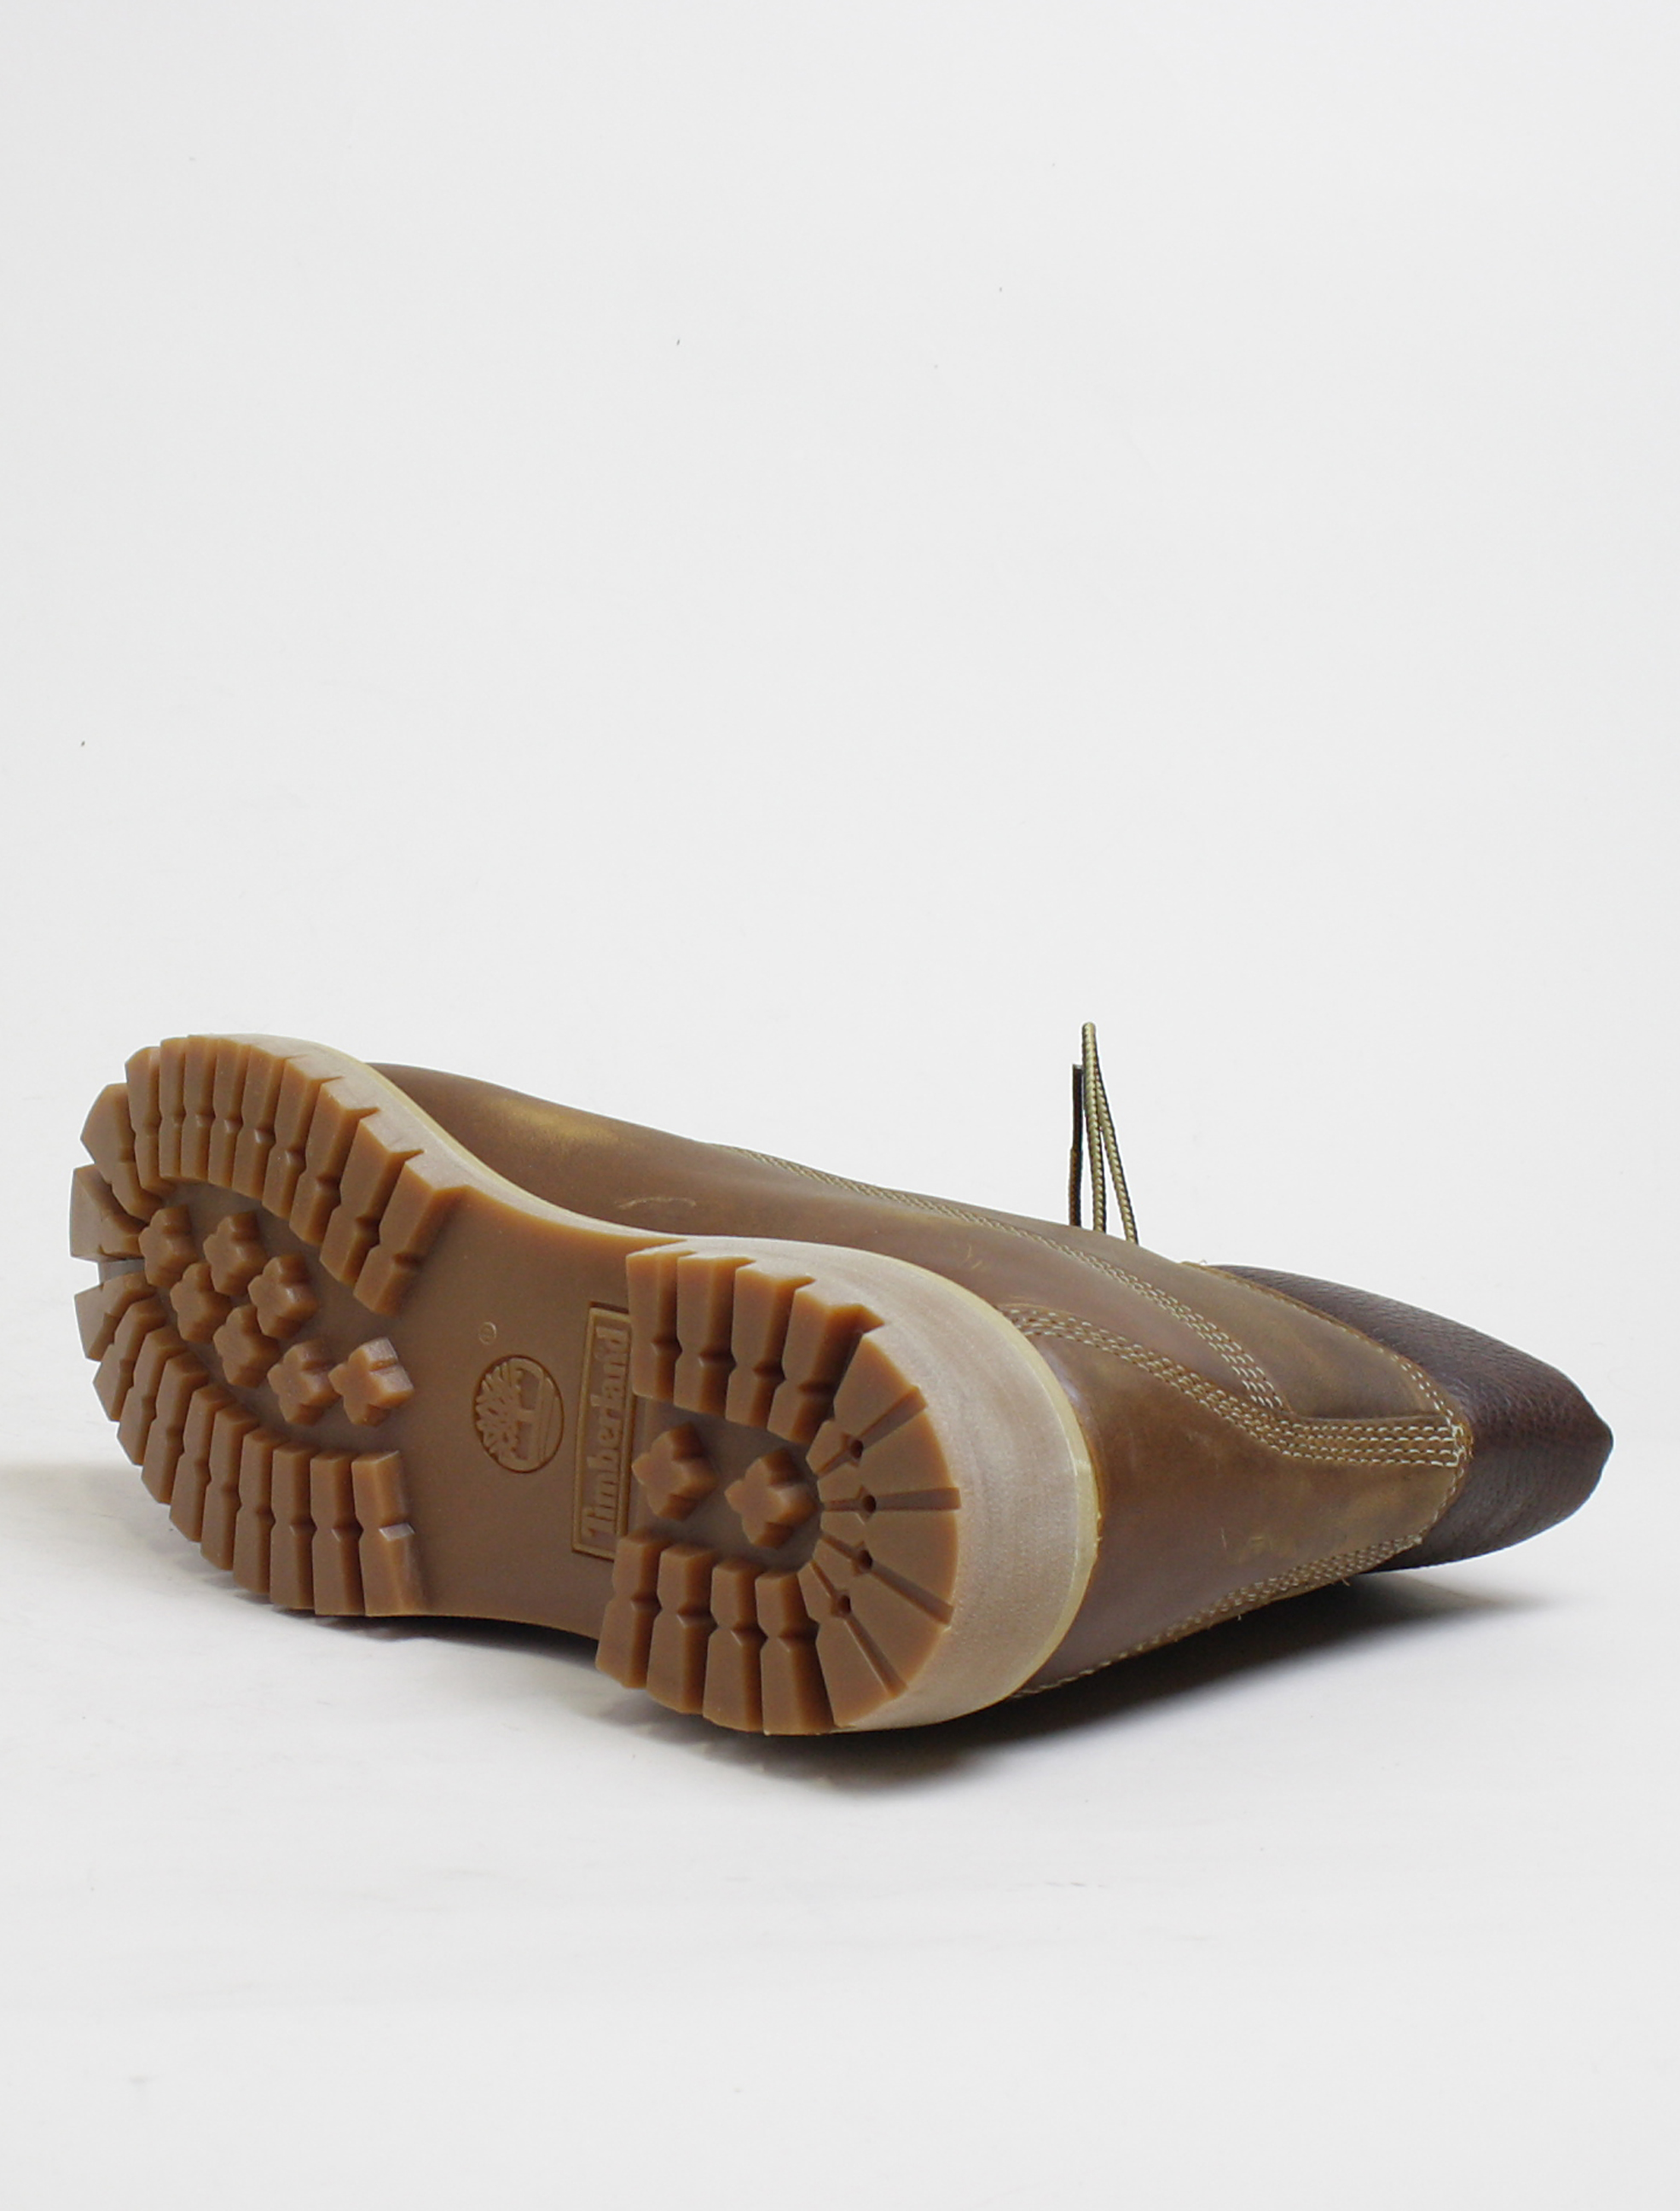 Timberland 6 inch heritage classic marrone dettaglio suola